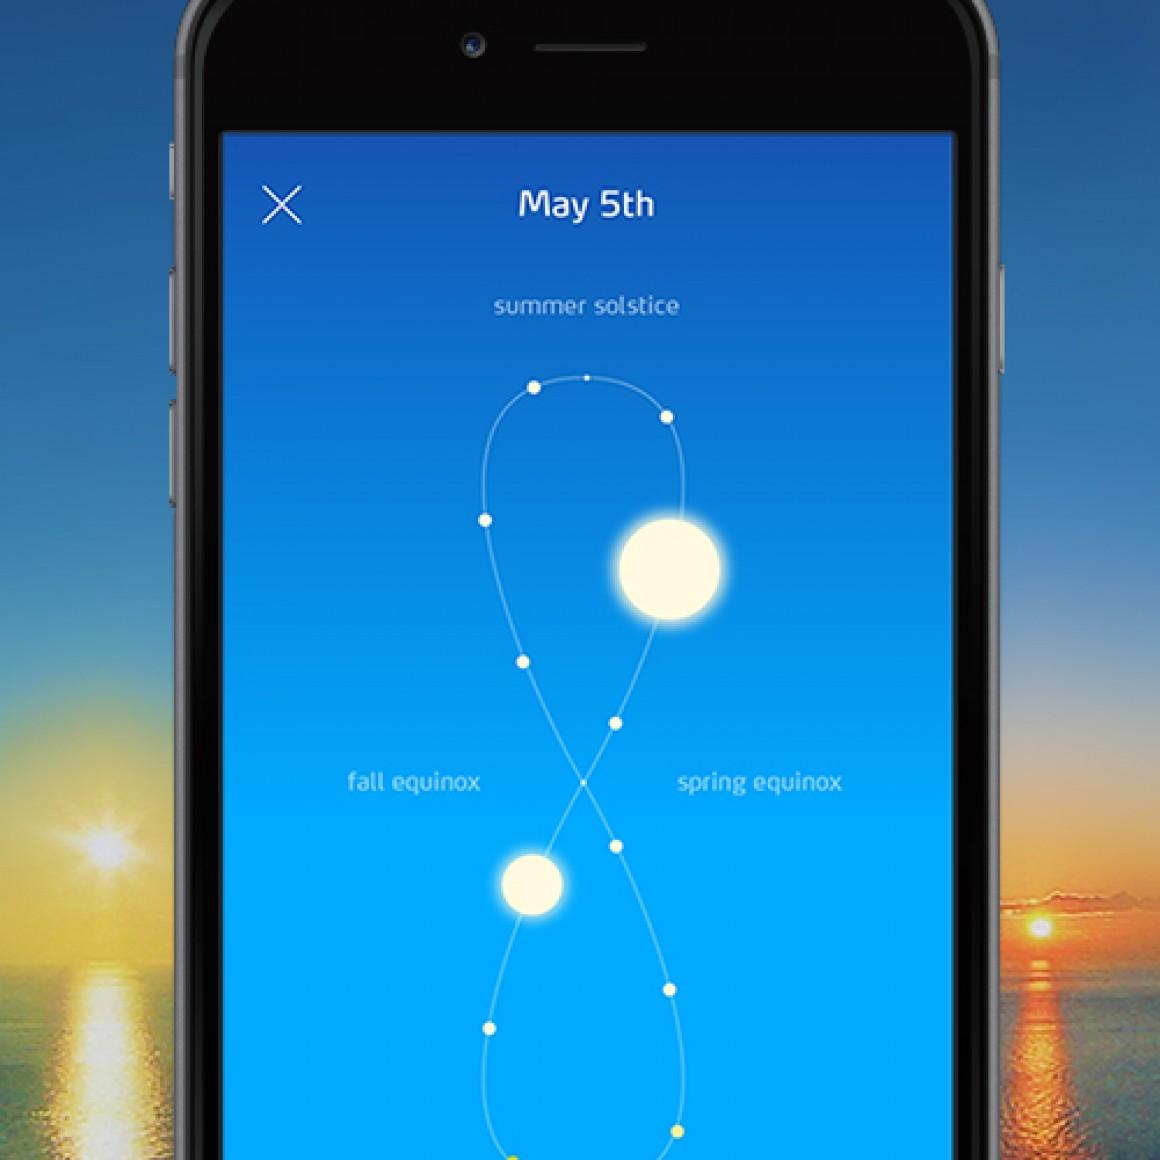 Sunn app now available for iOS!